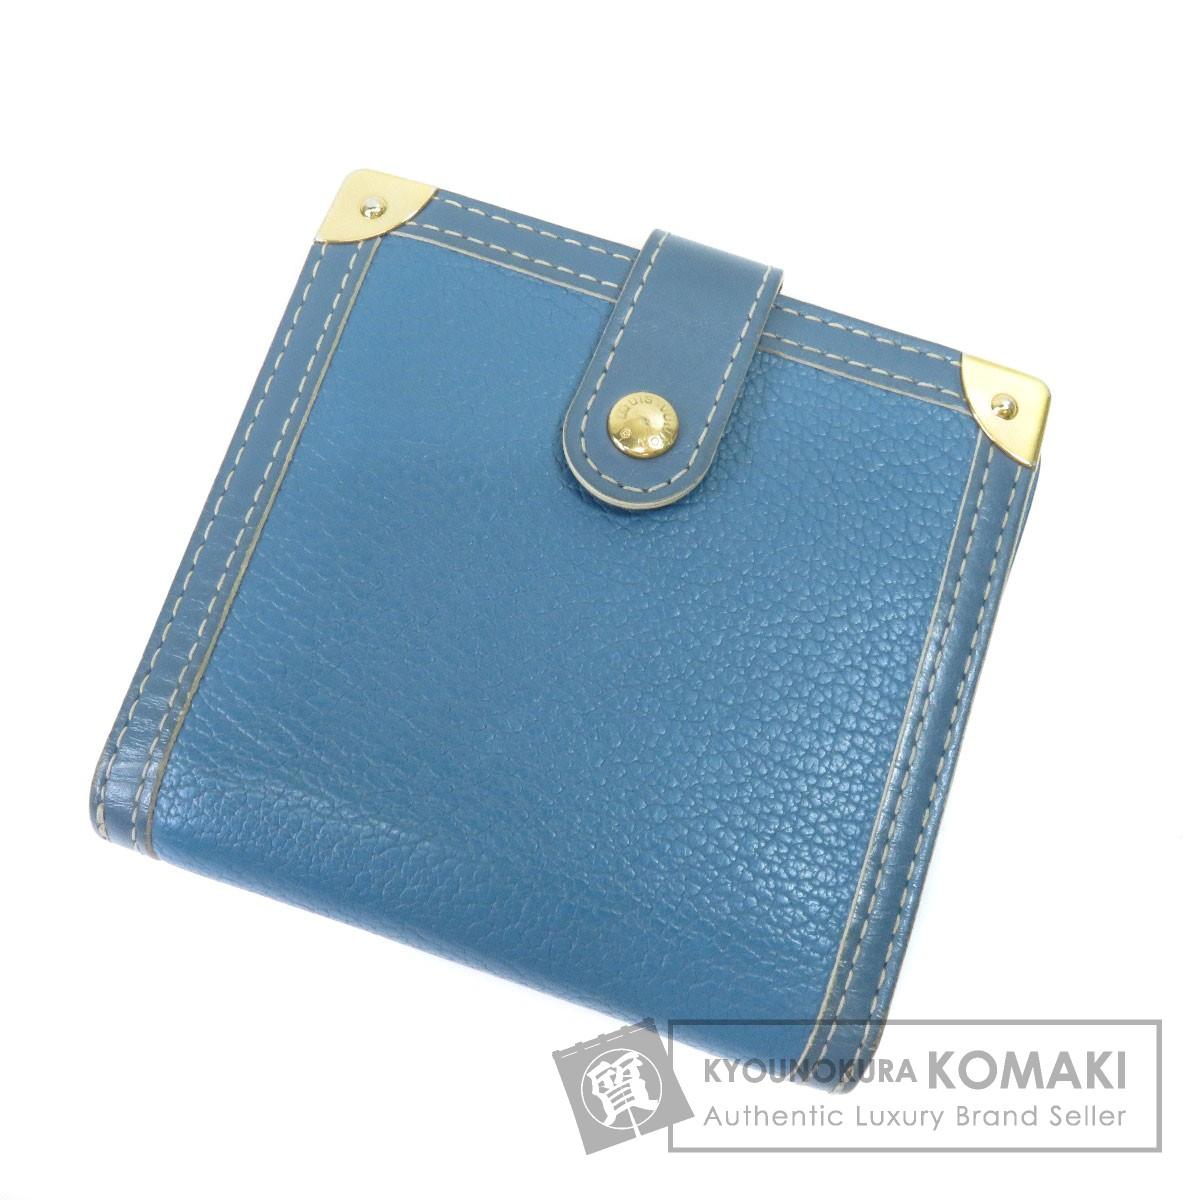 LOUIS VUITTON M91829 コンパクトジップ 二つ折り財布(小銭入れあり) スハリ レディース 【中古】【ルイ・ヴィトン】